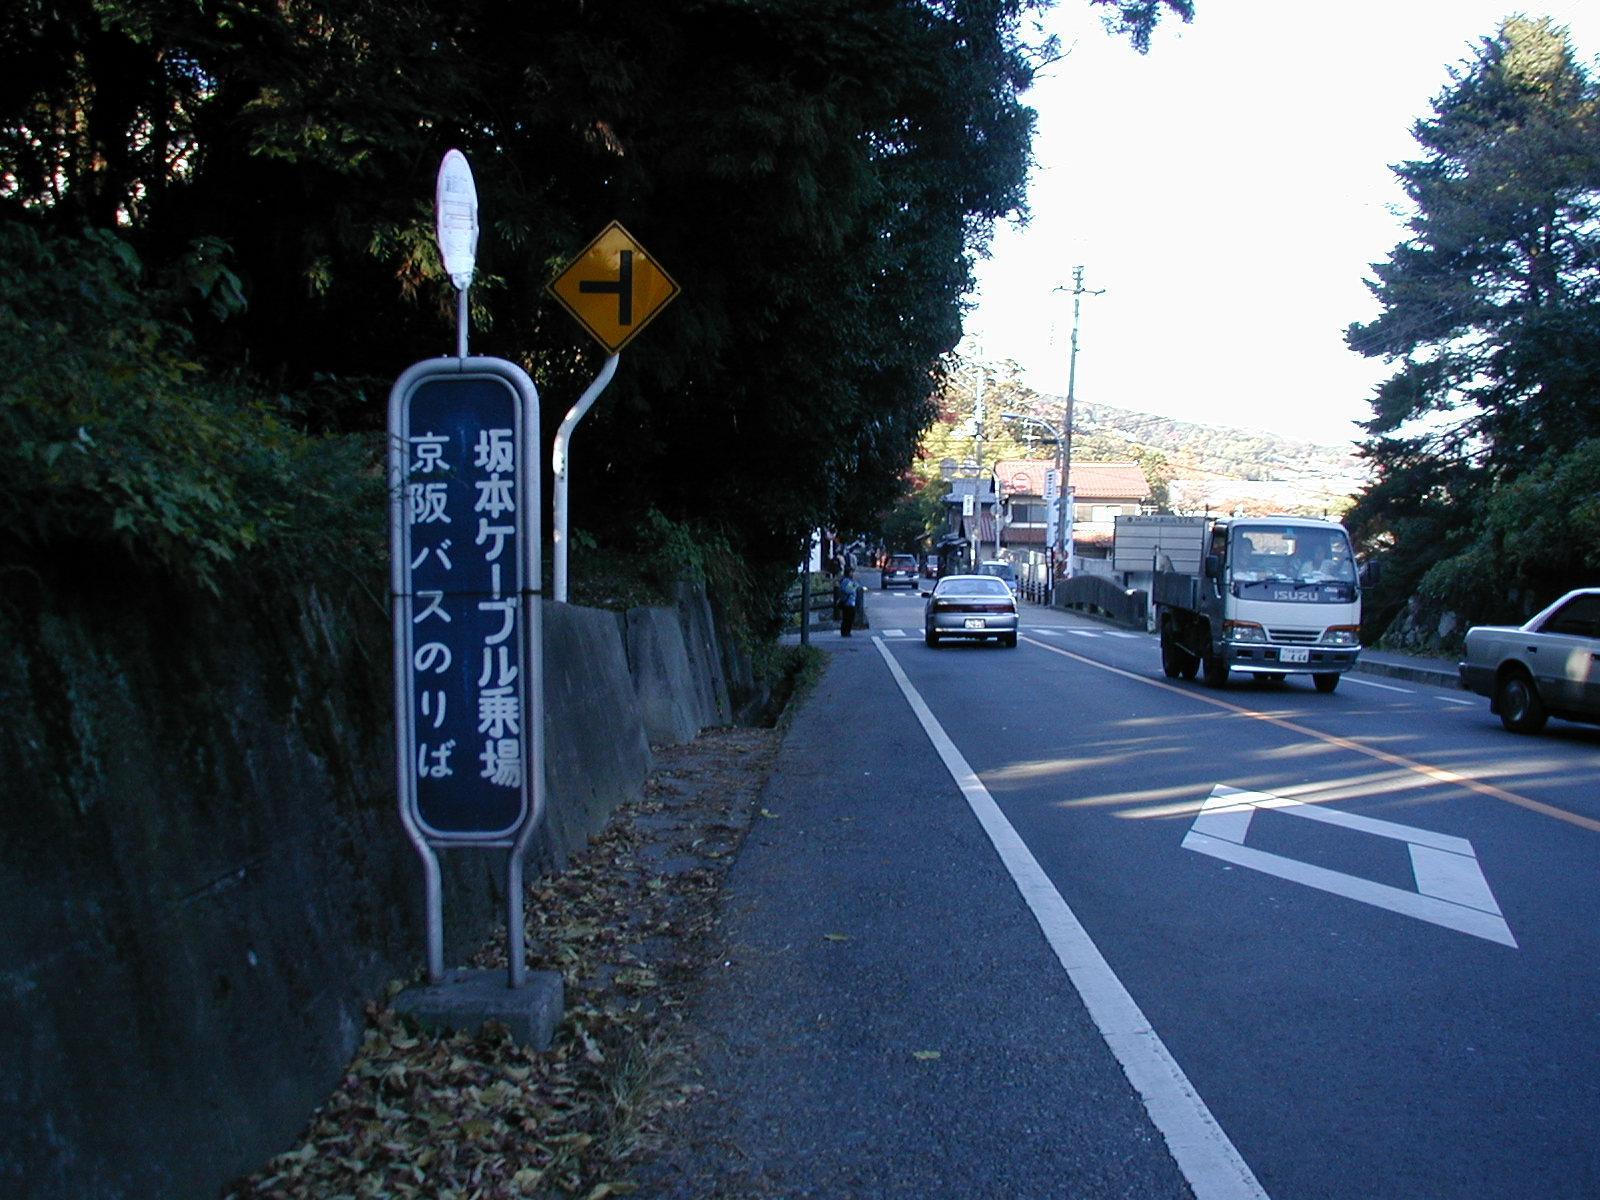 坂本ケーブル乗場